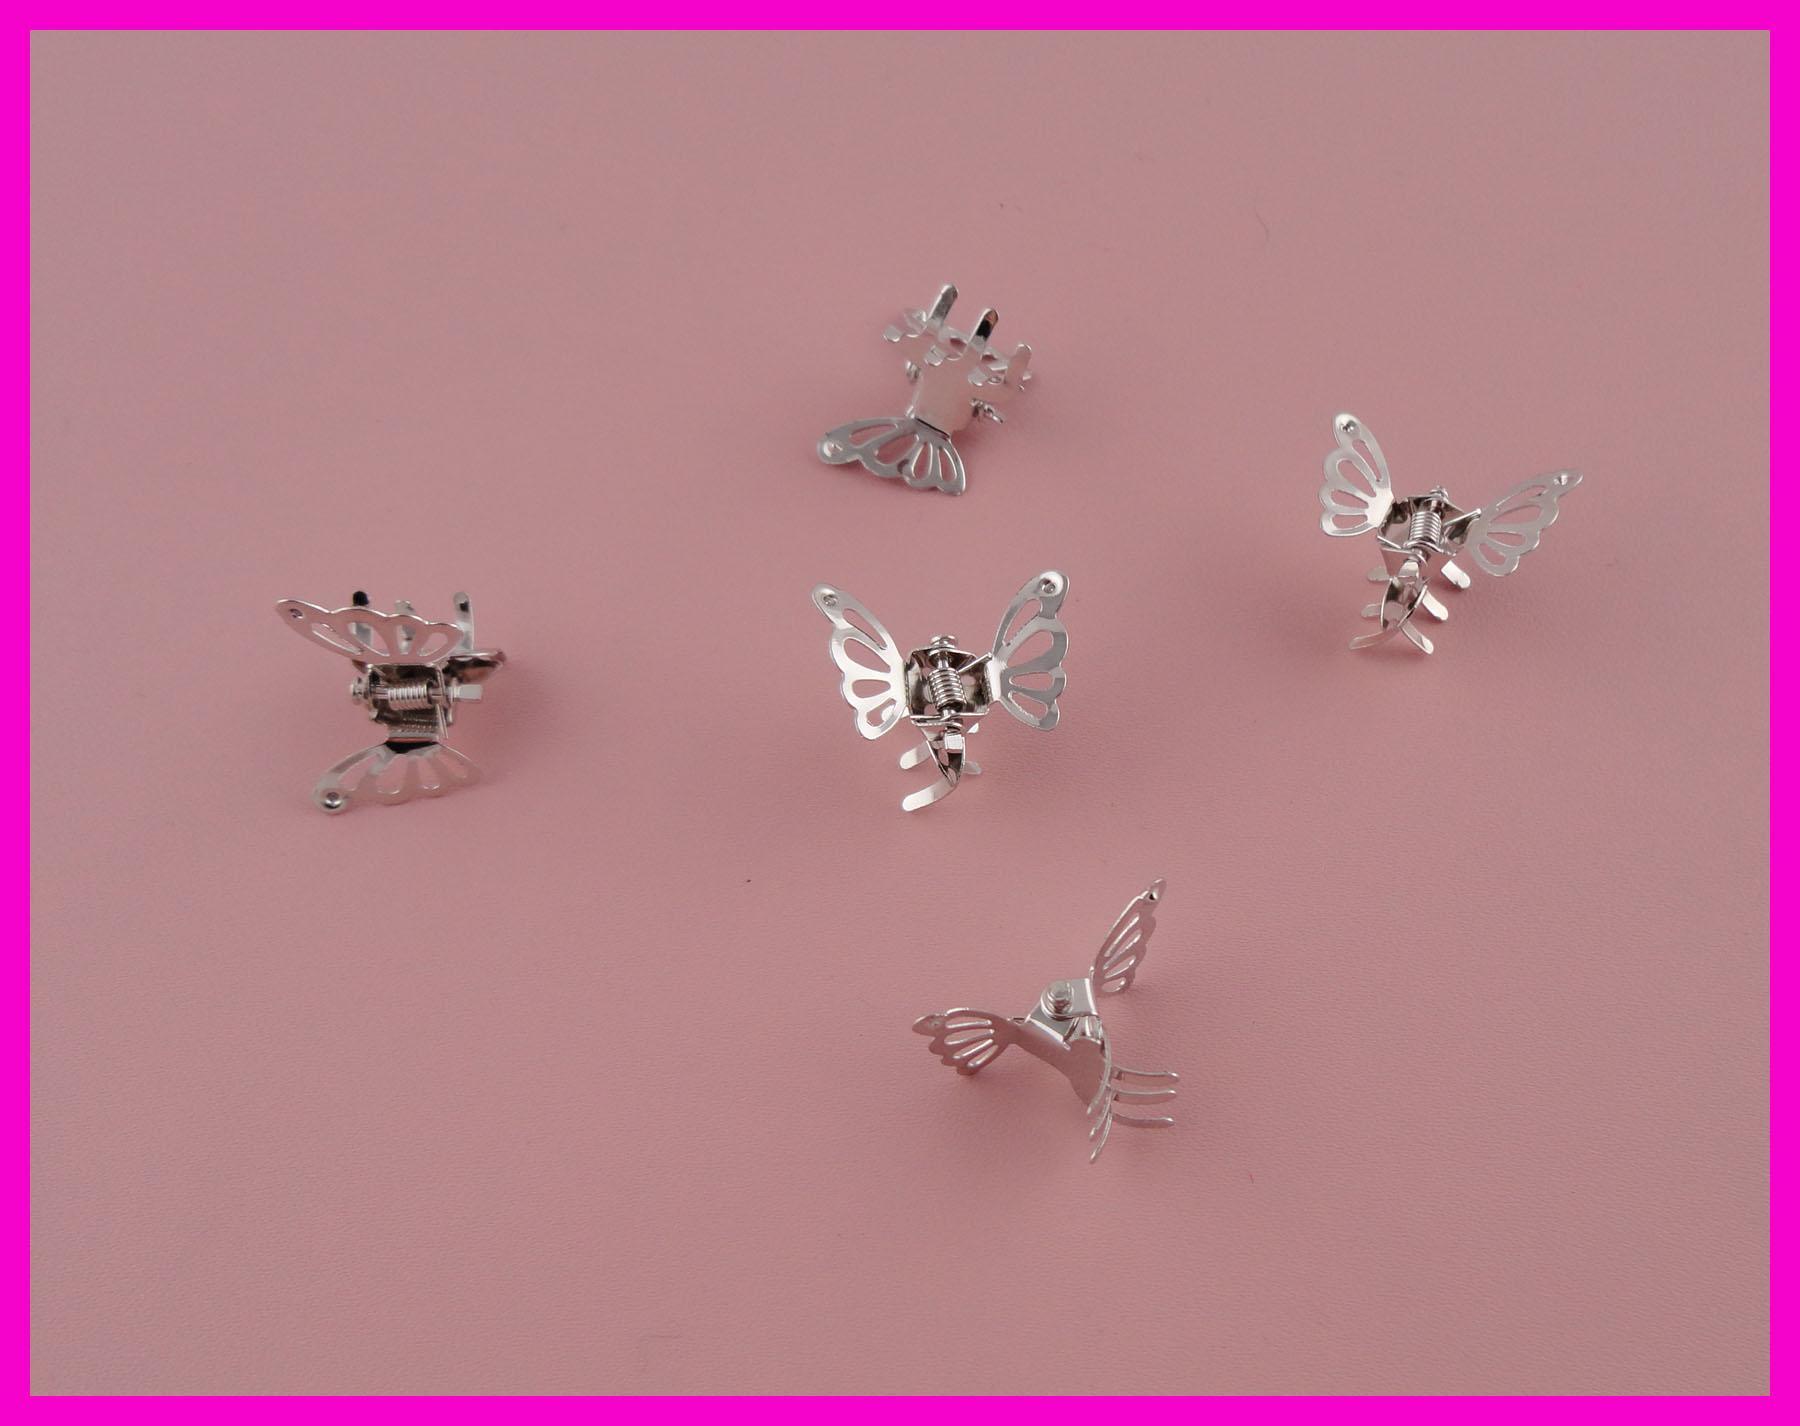 مخلب الشعر 50 قطع الفضة النهاية مصغرة تخريمية فراشة عادي معدن مخلب المشابك الشعر في جودة خالية من الرصاص والنيكل ، صفقة ل بالجملة